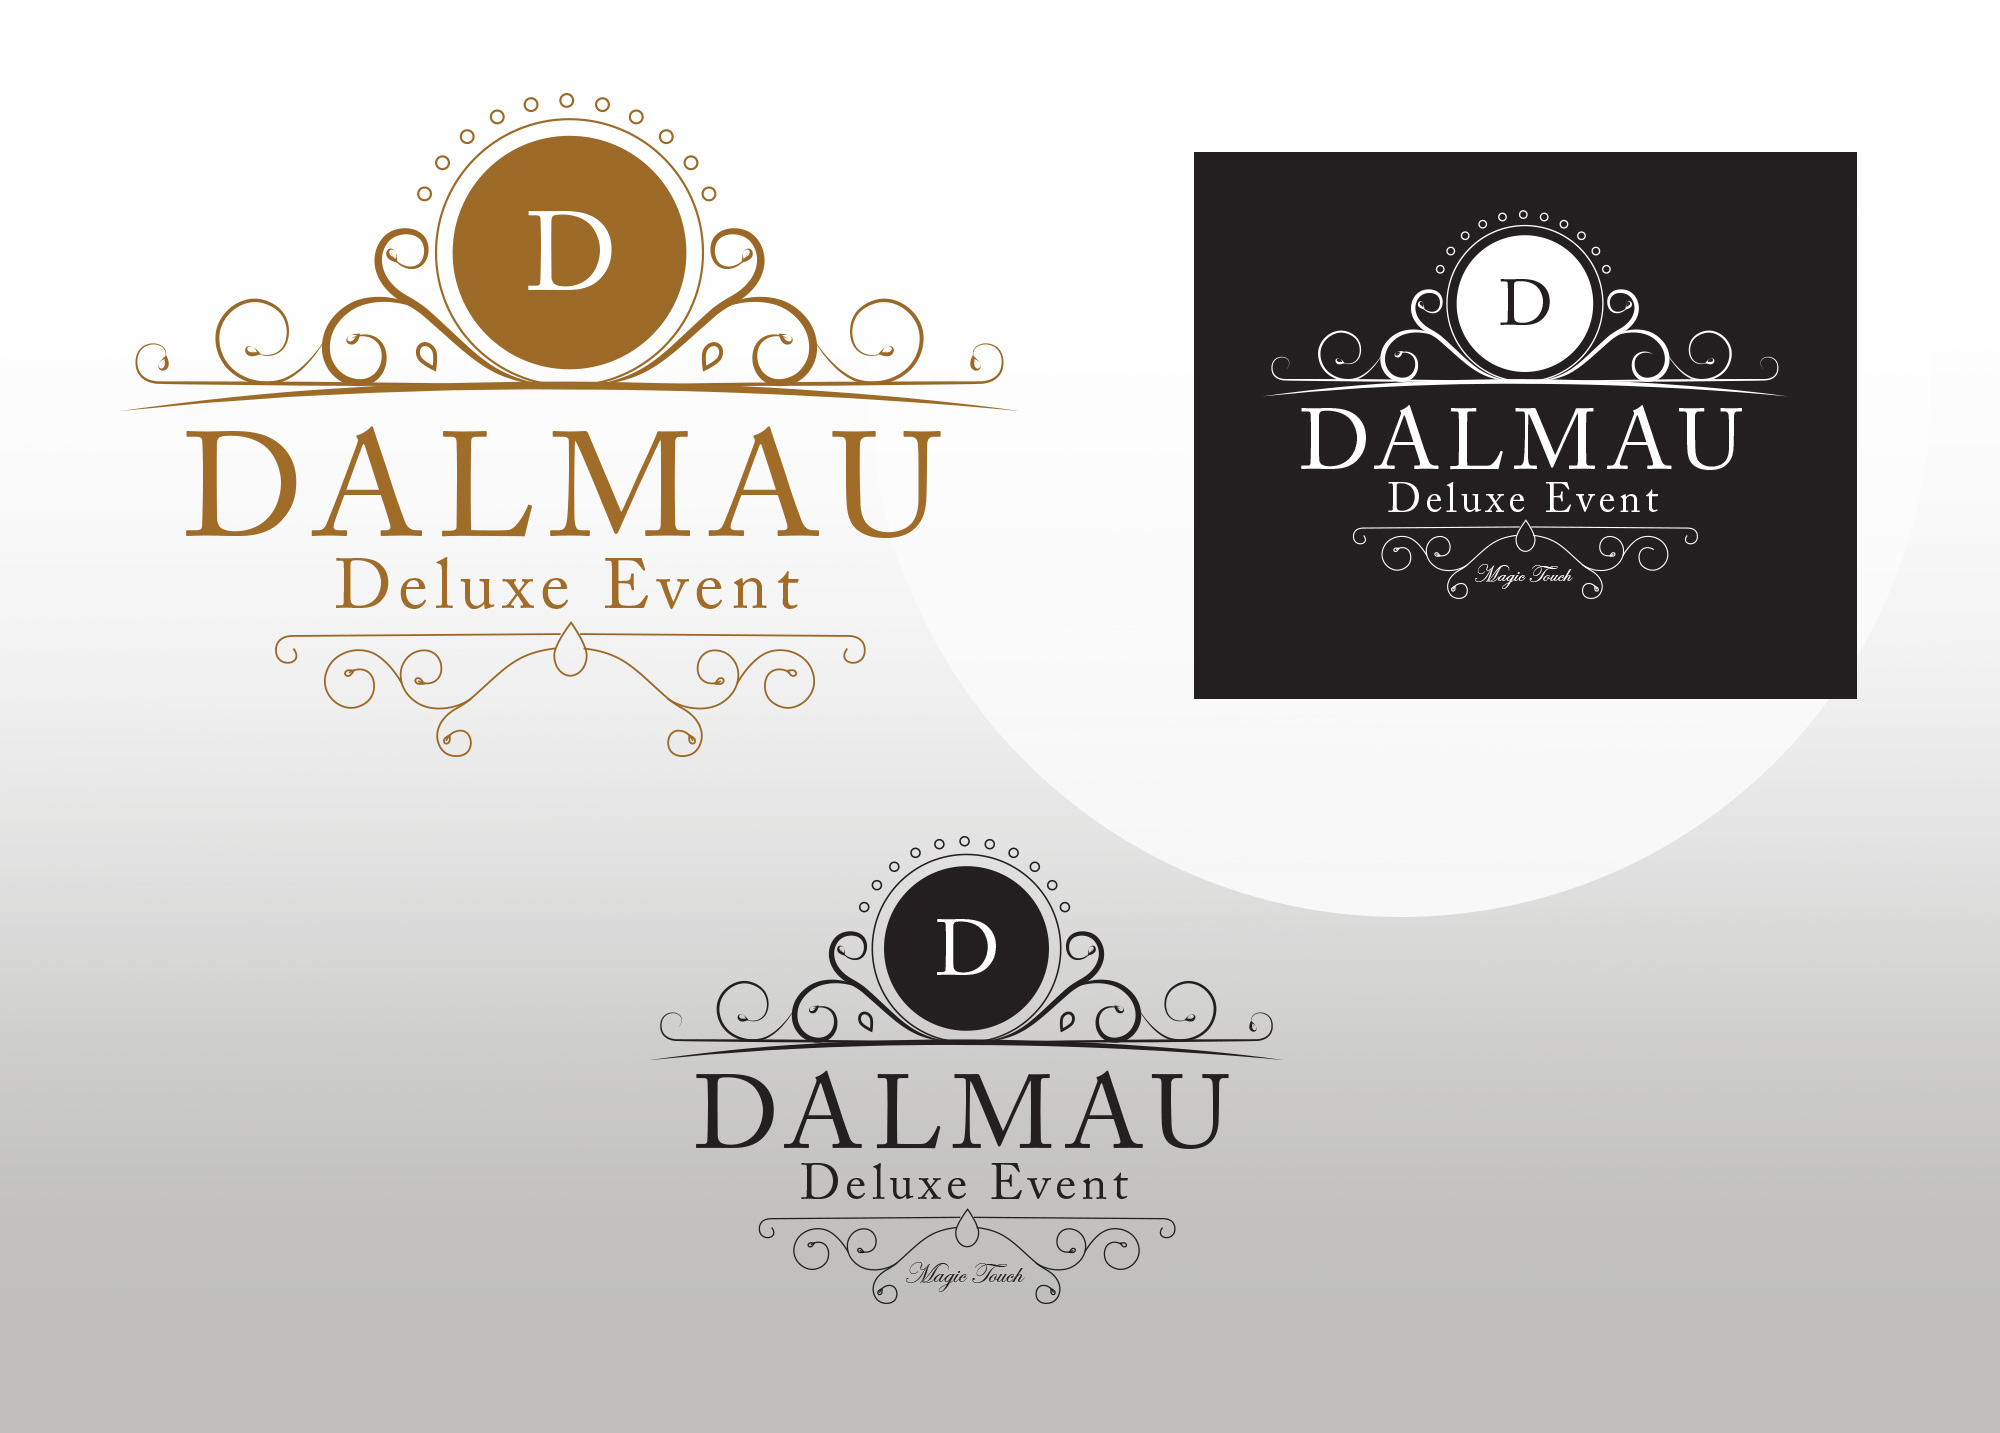 Dalmau Deluxe Event Company Logo